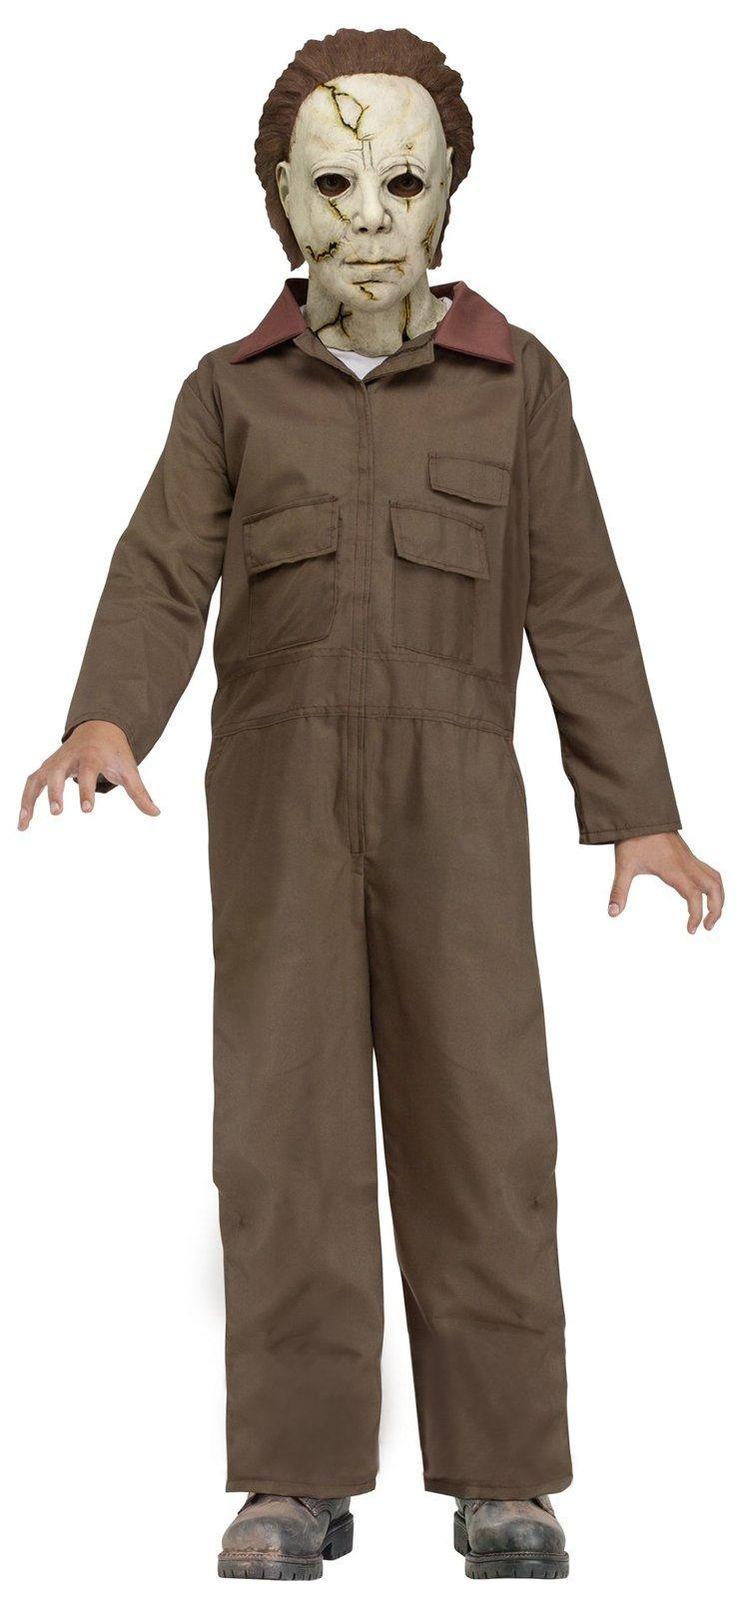 oltre 25 fantastiche idee su michael myers halloween costume su oltre 25 fantastiche idee su michael myers halloween costume su